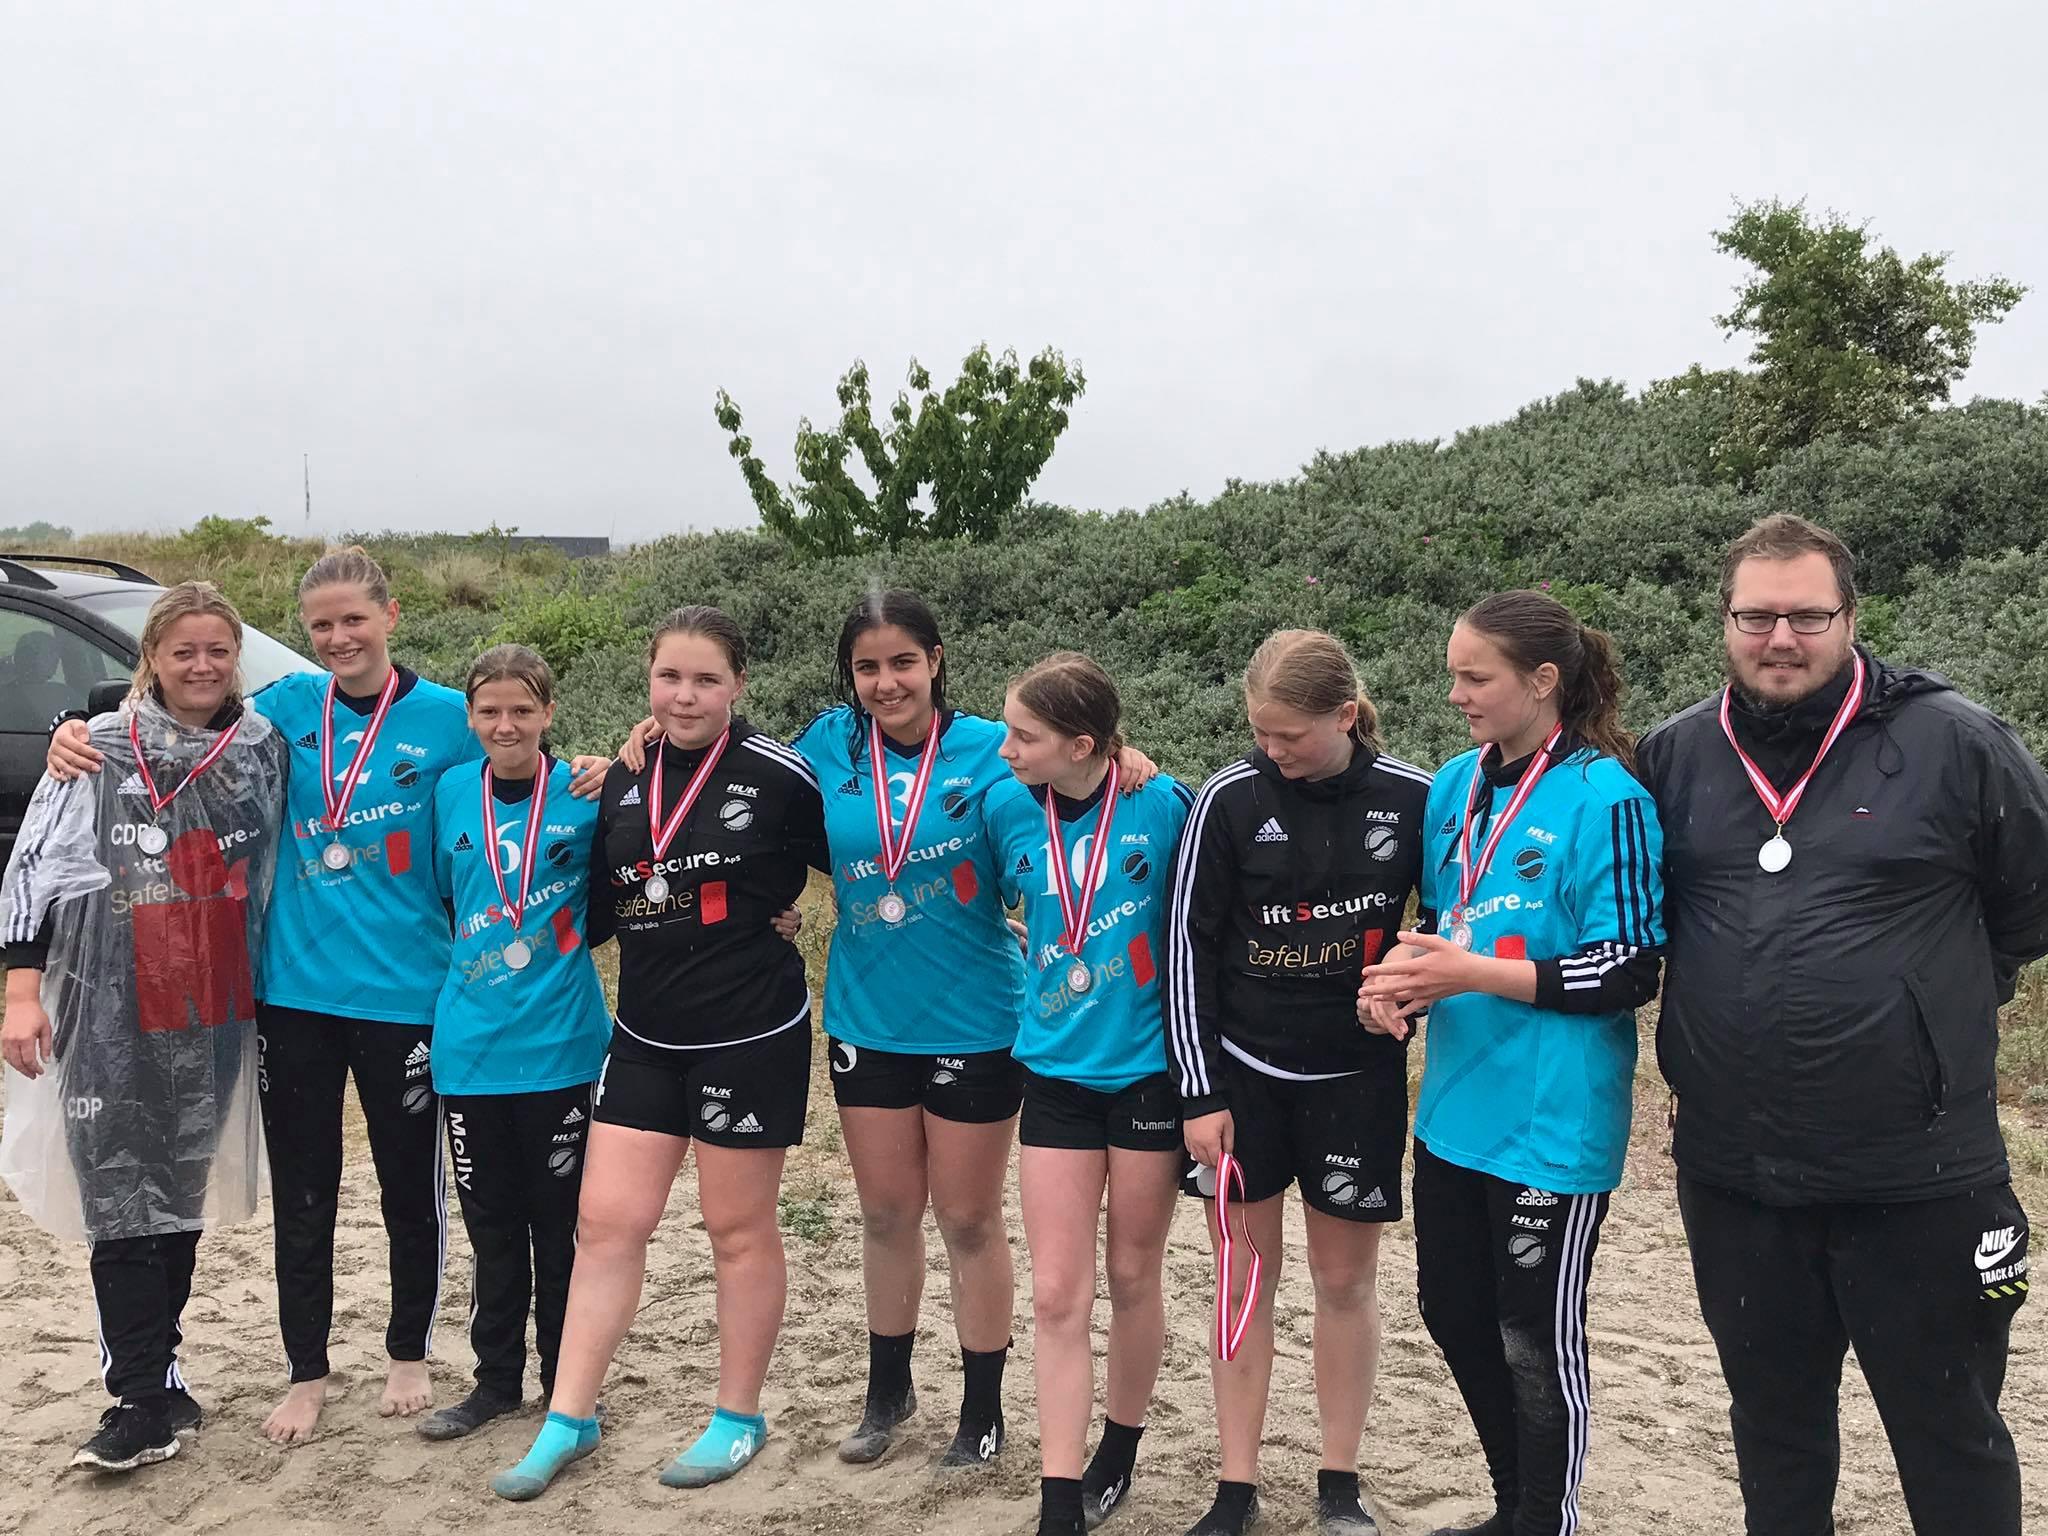 2017 Beach U14 Vallensbæk Guld